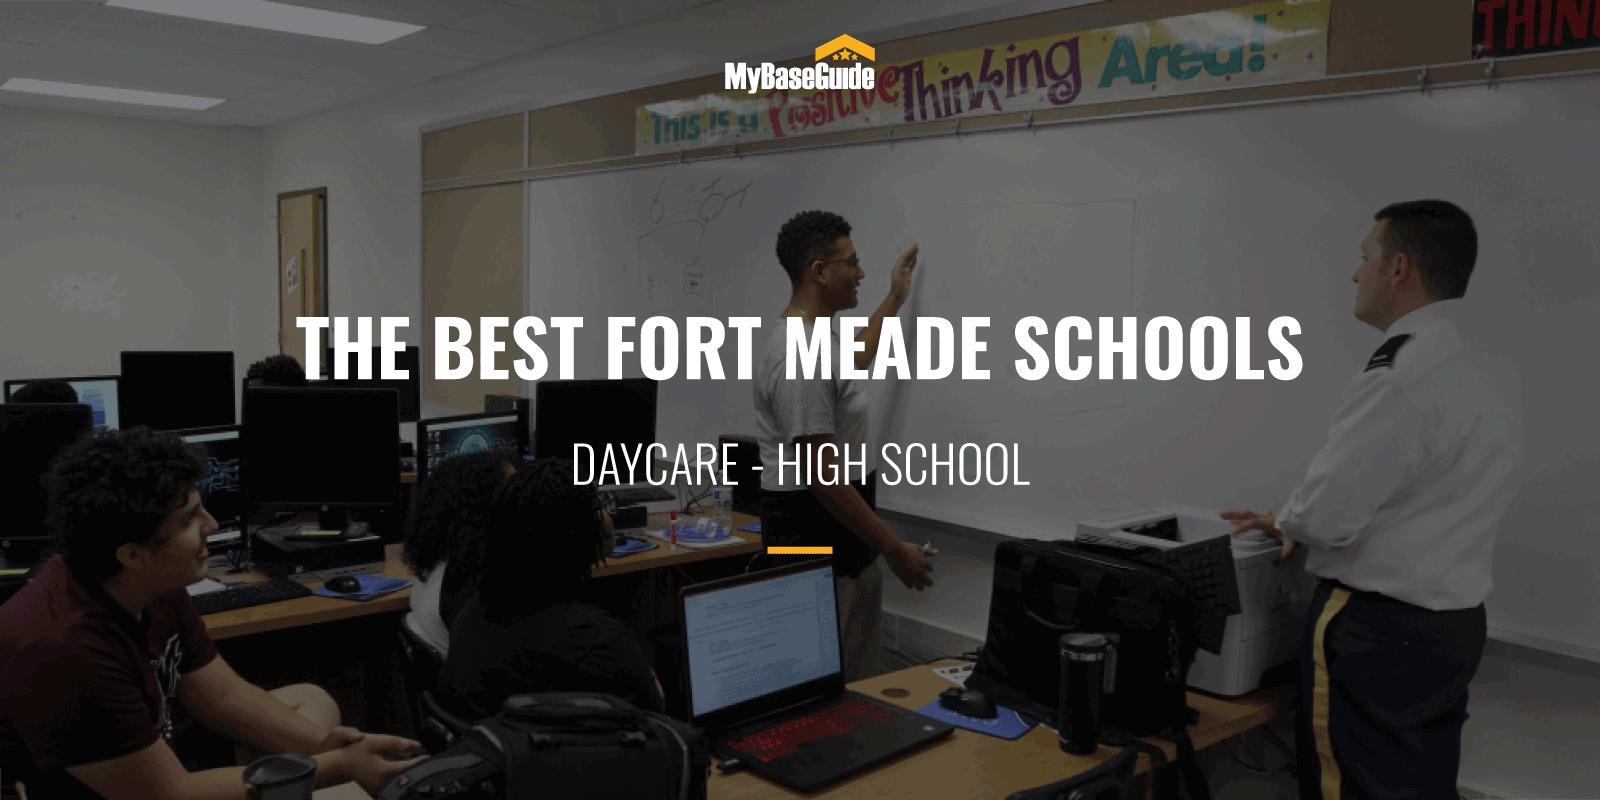 Best Fort Meade Schools